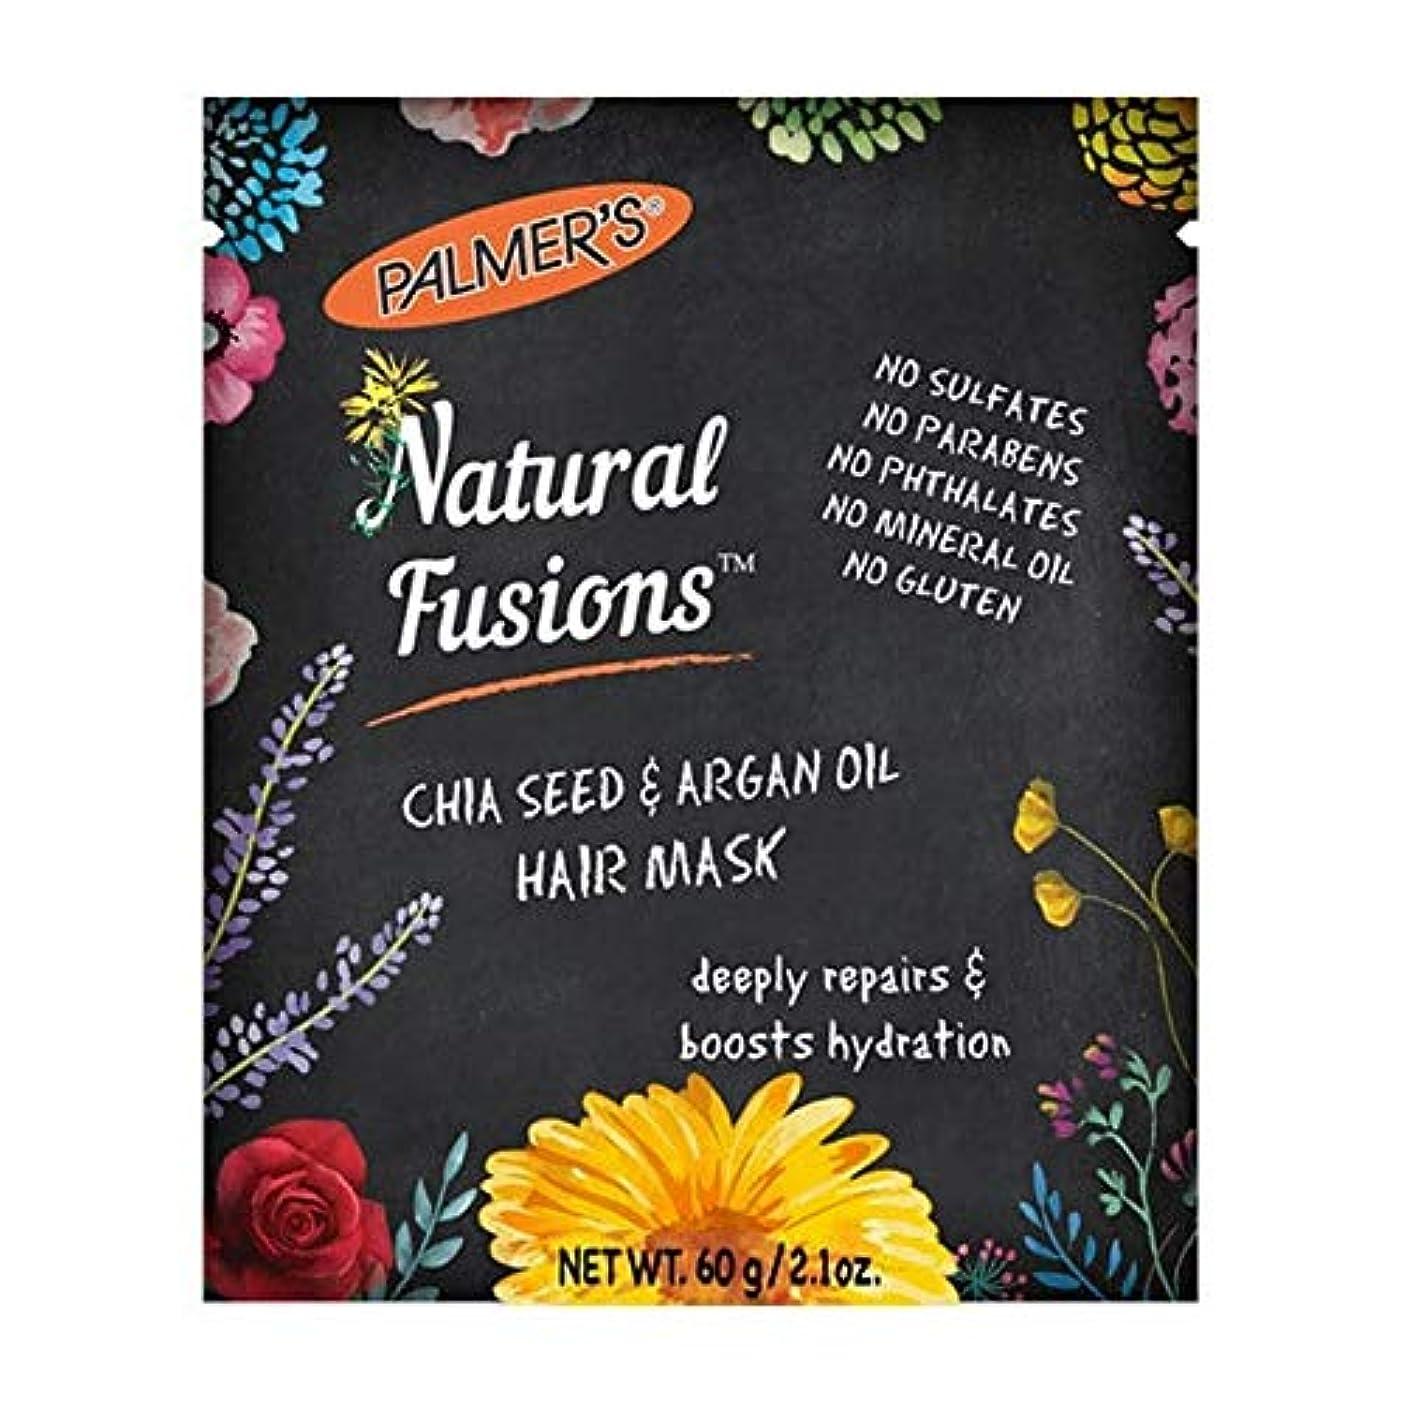 ティッシュ機関車スケジュール[Palmer's ] パーマーの自然な融合チアシード&アルガンオイルヘアマスク60グラム - Palmer's Natural Fusions Chia Seed & Argan Oil Hair Mask 60g [並行輸入品]